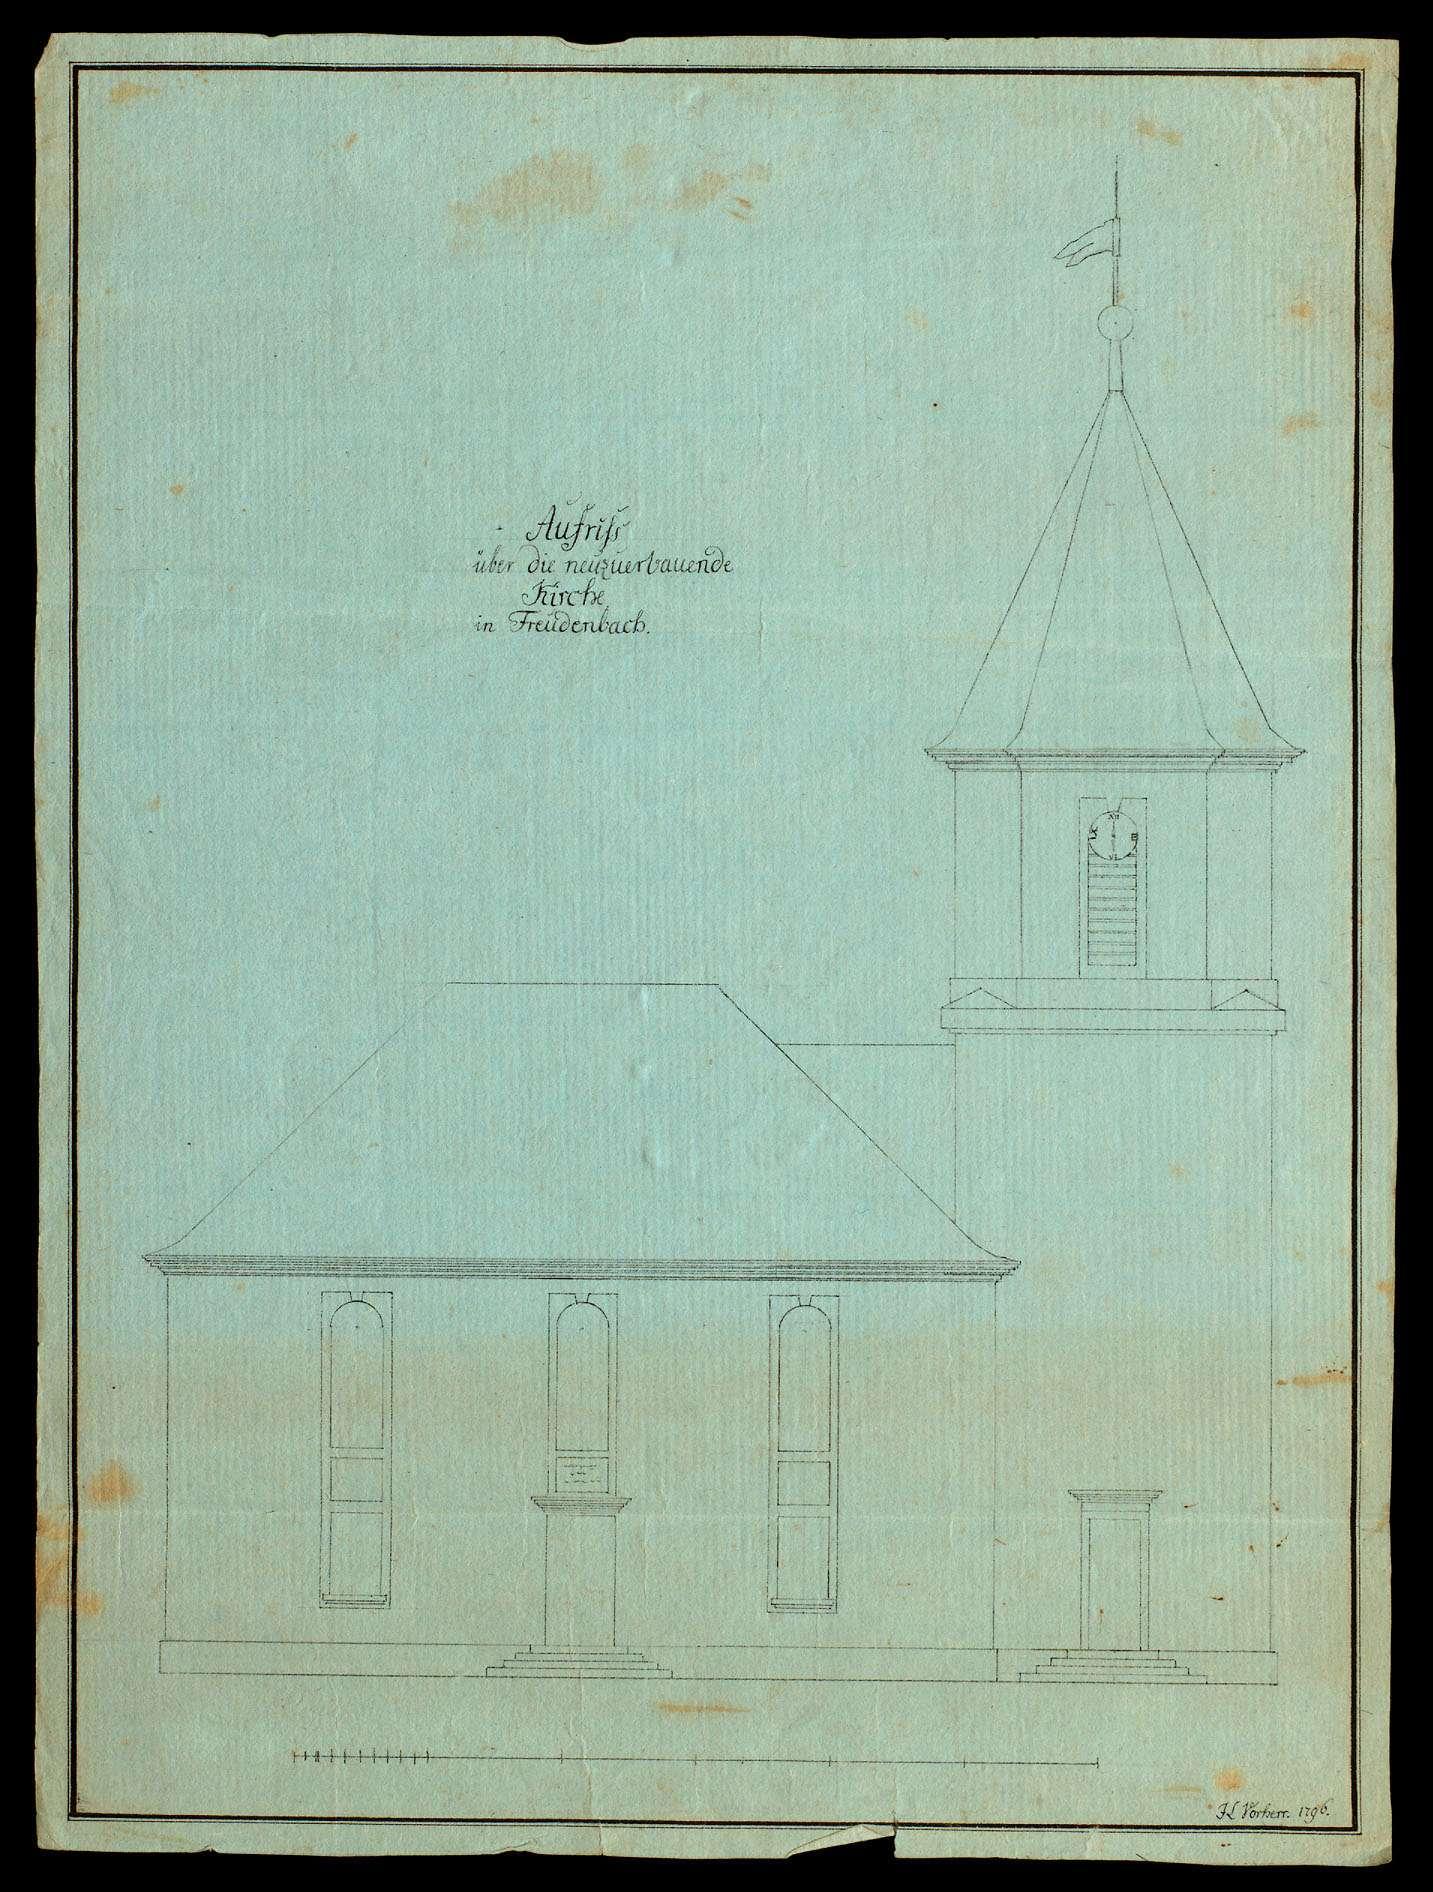 Drei Baupläne der evangelischen Kirche in Freudenbach (Kreis Mergentheim), Bild 1